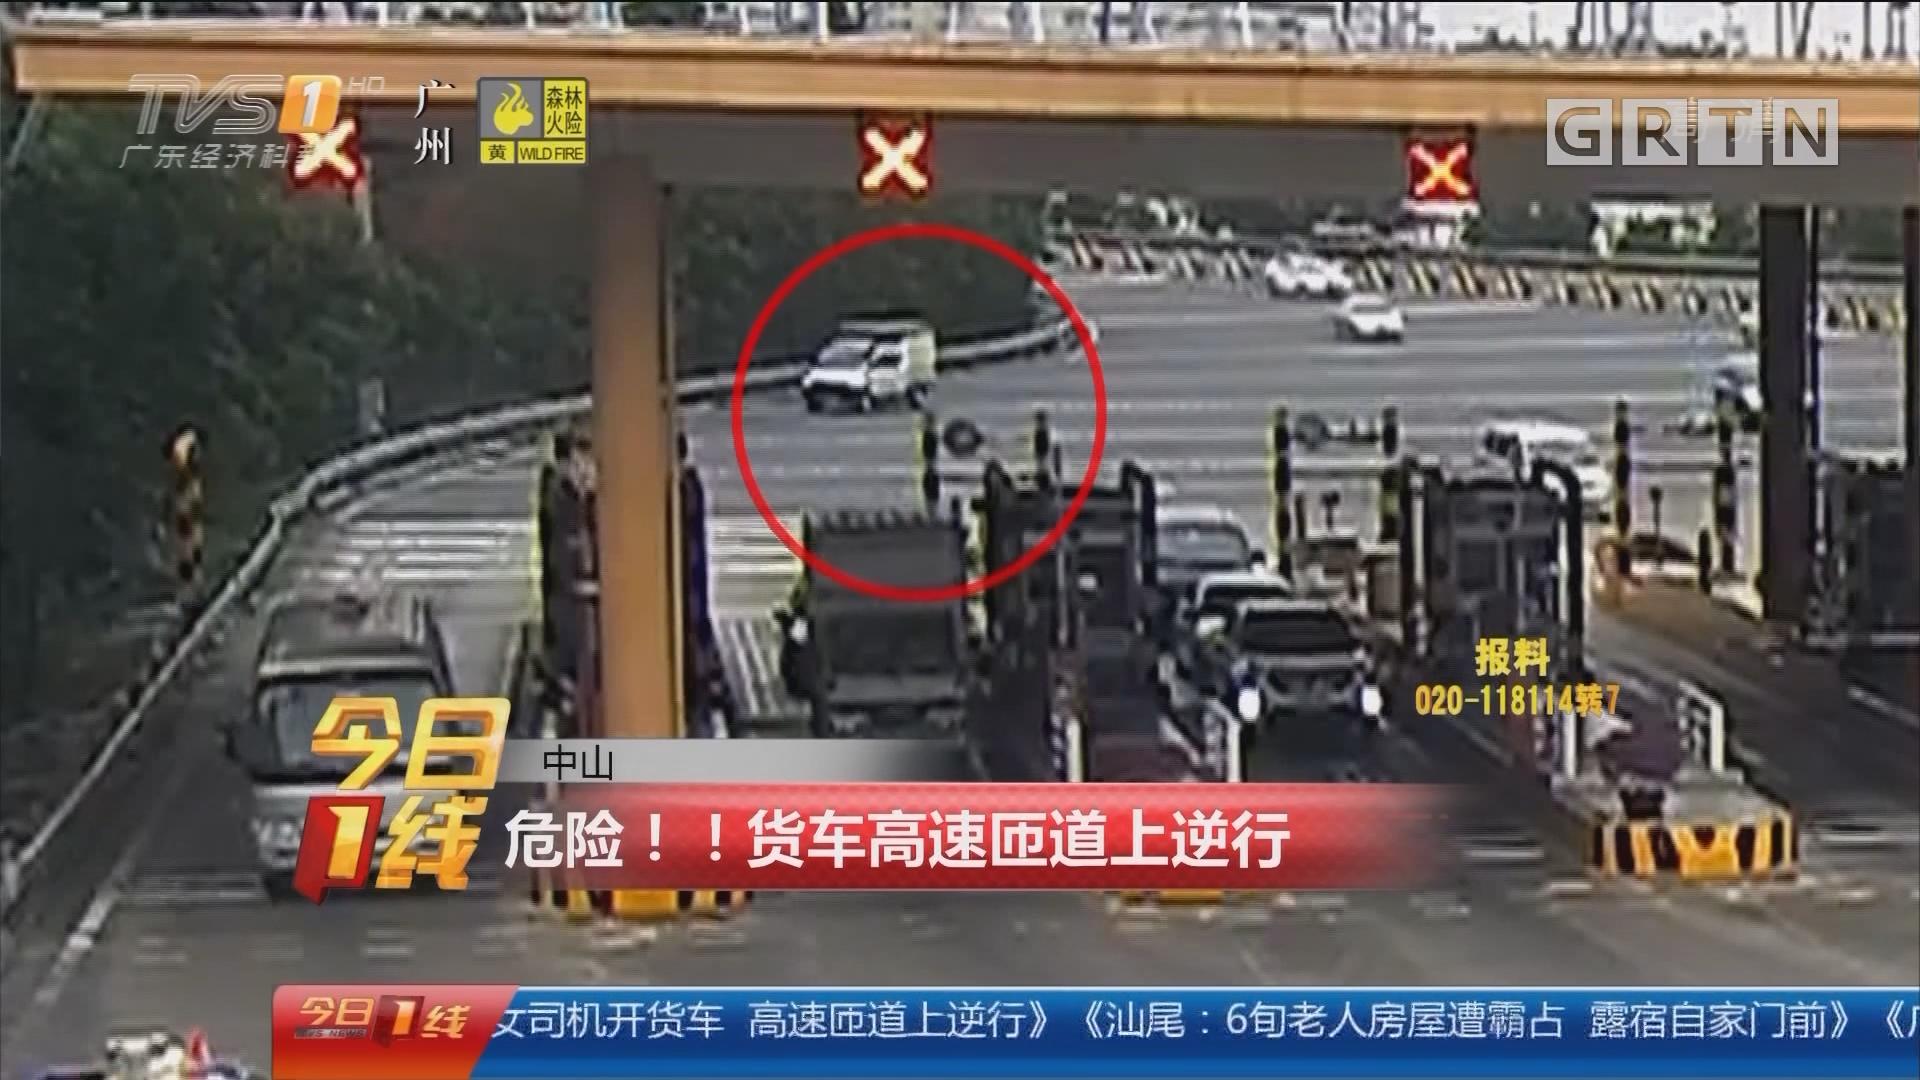 中山:危险!!货车高速匝道上逆行